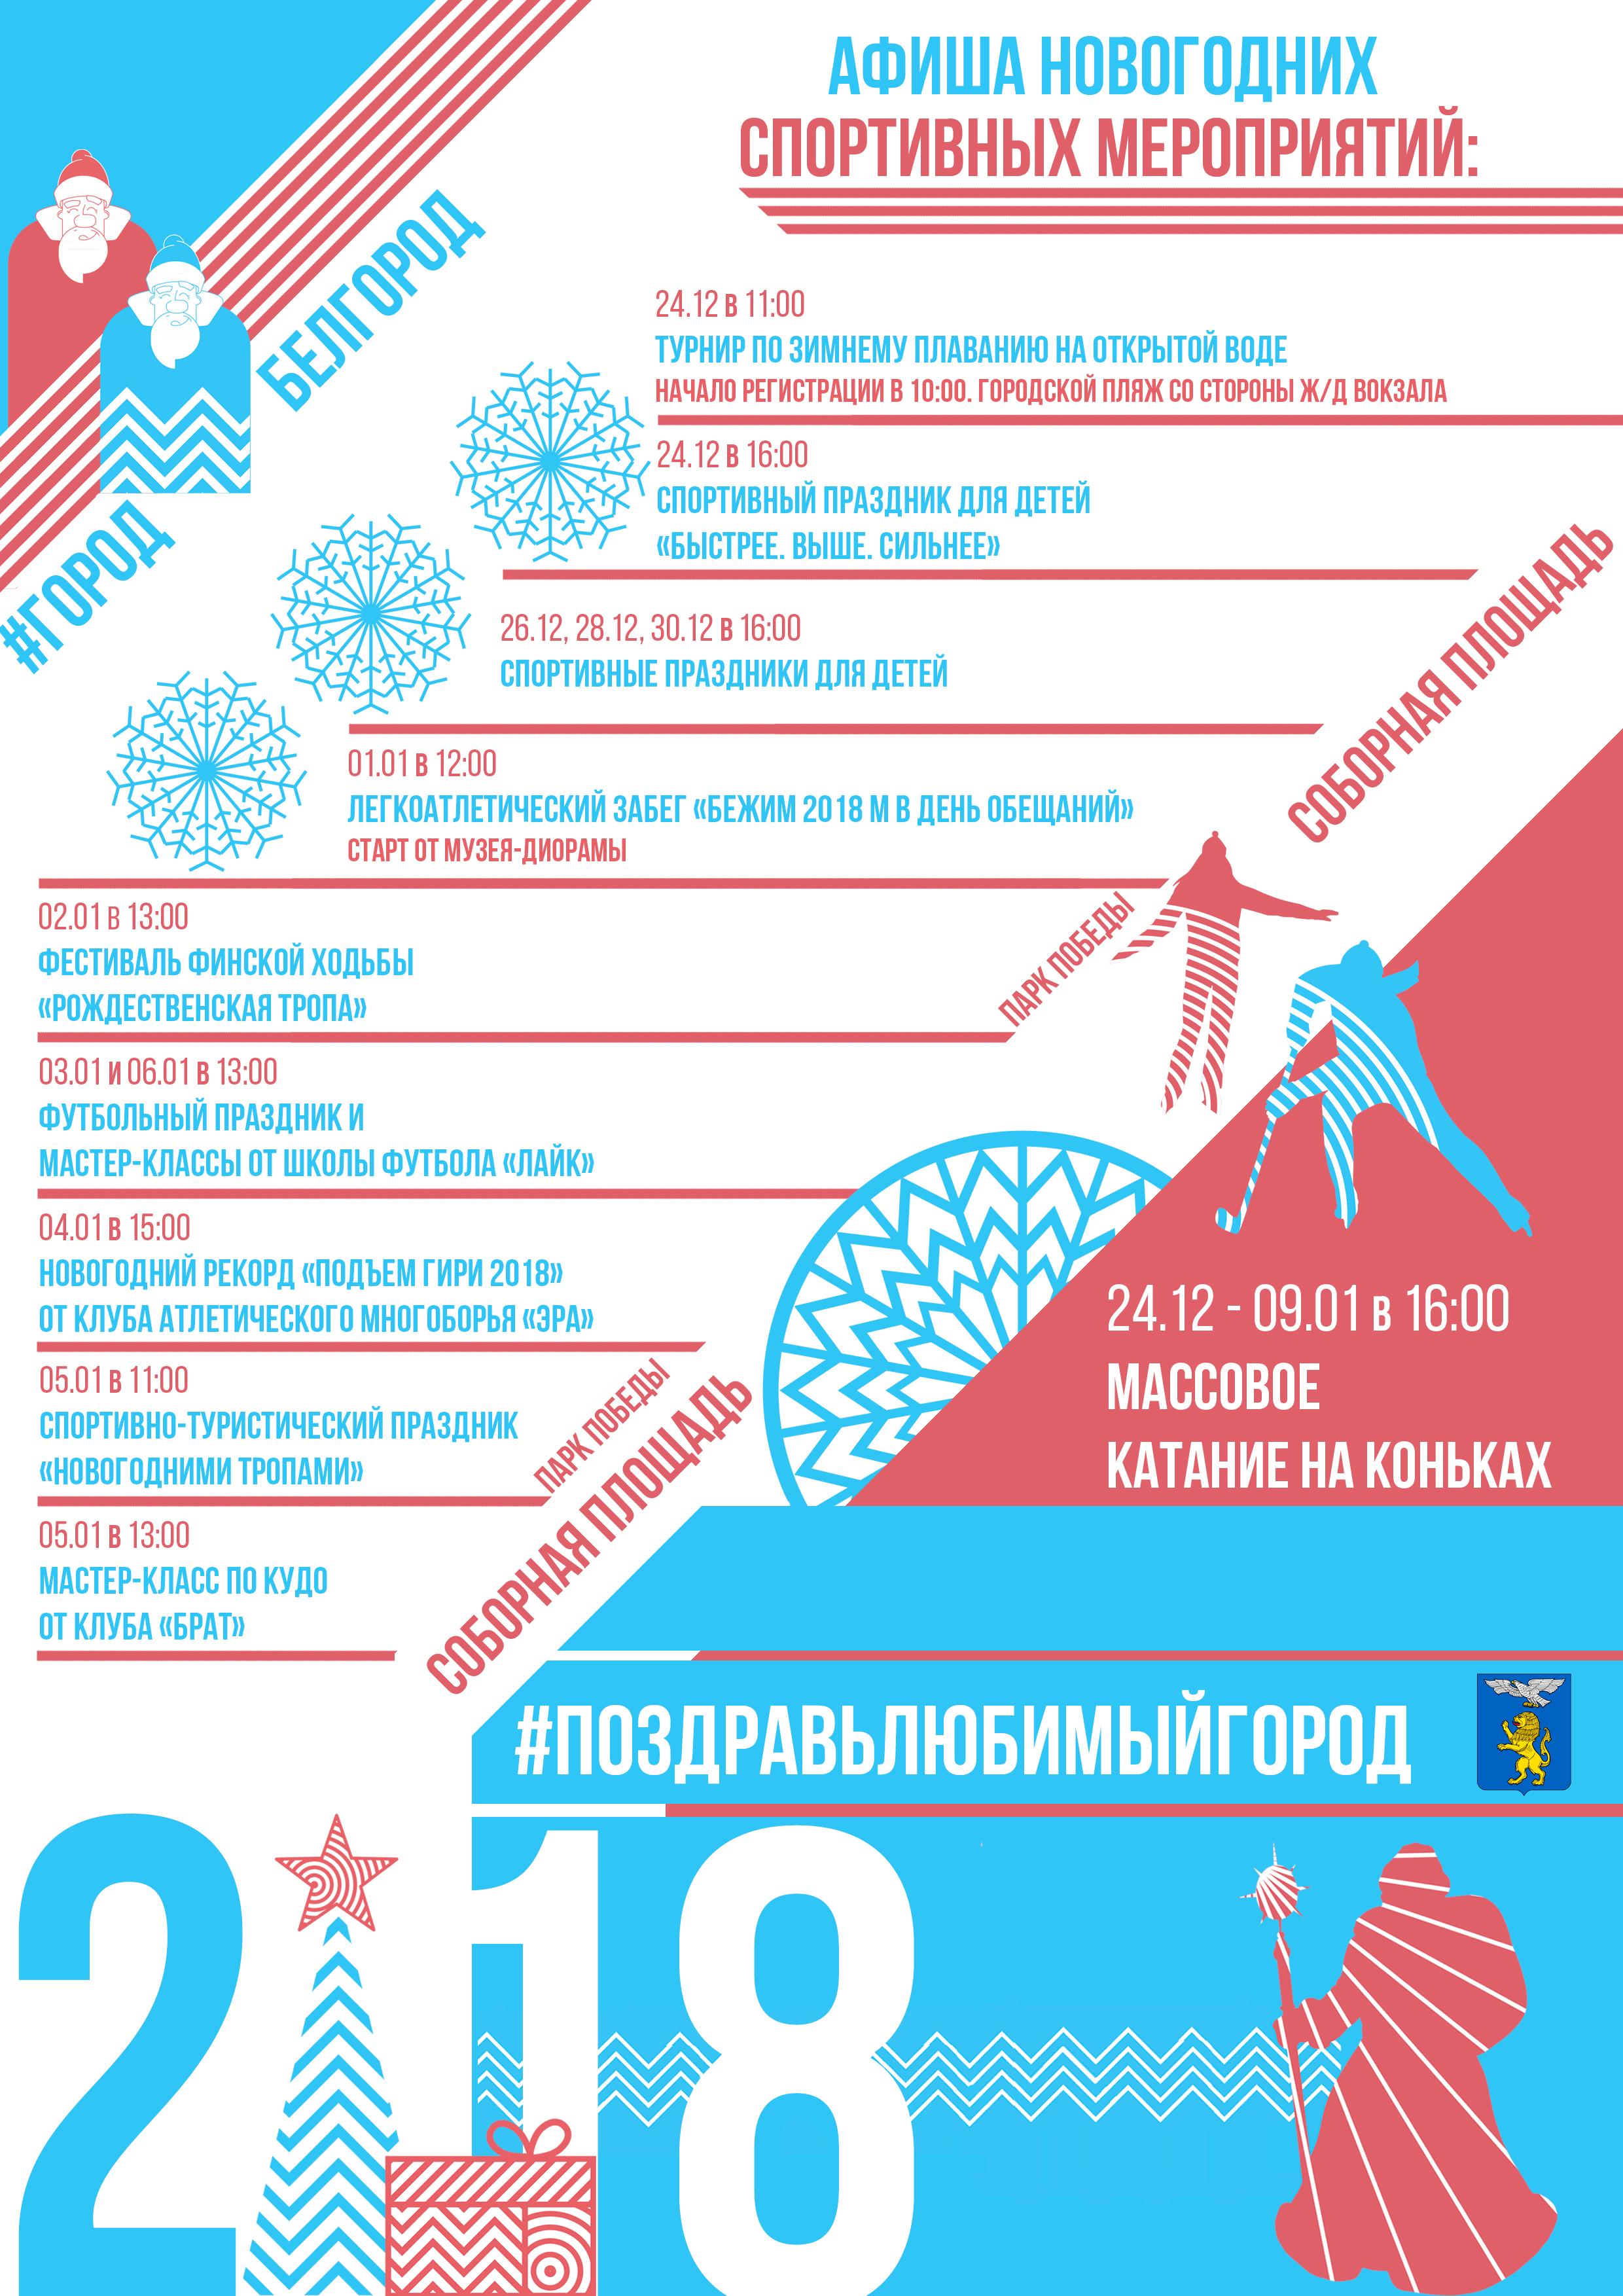 Плыть, бежать и ставить рекорды. Как в Белгороде предлагают отдохнуть на новогодних праздниках